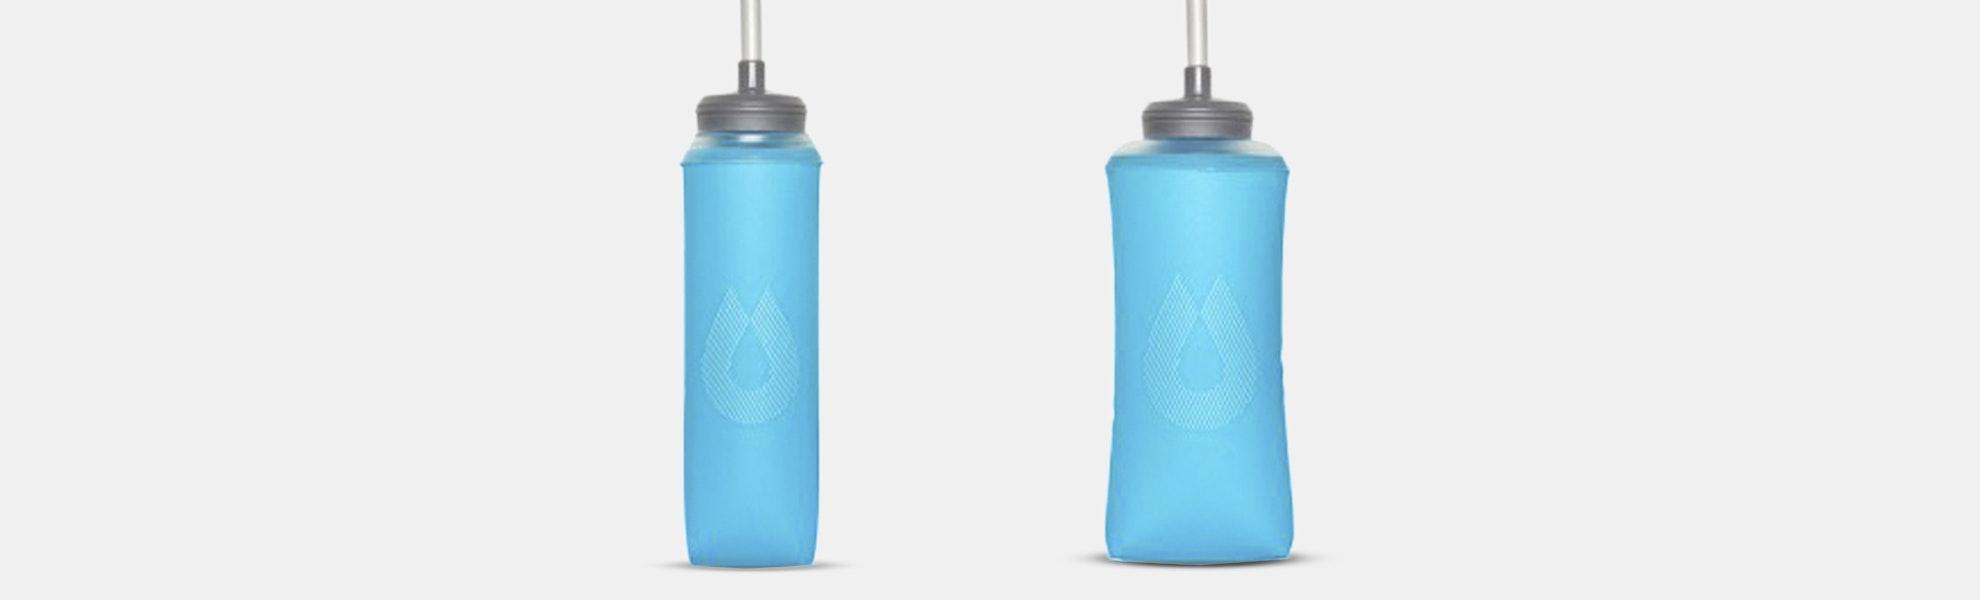 HydraPak UltraFlask Running Bottles (2-Pack)